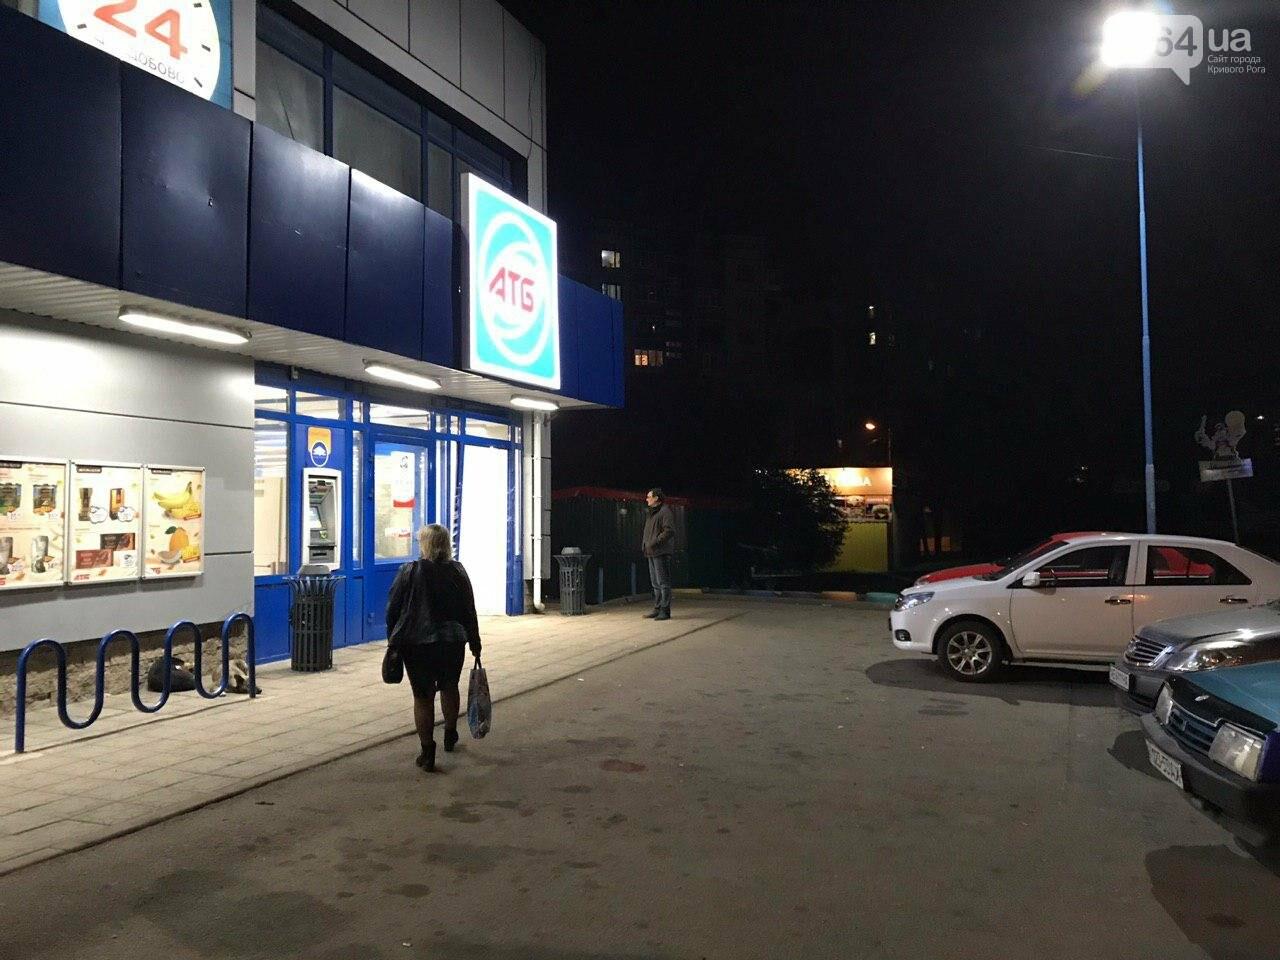 В Кривом Роге автомобиль влетел в АТБ, - ФОТО, фото-1